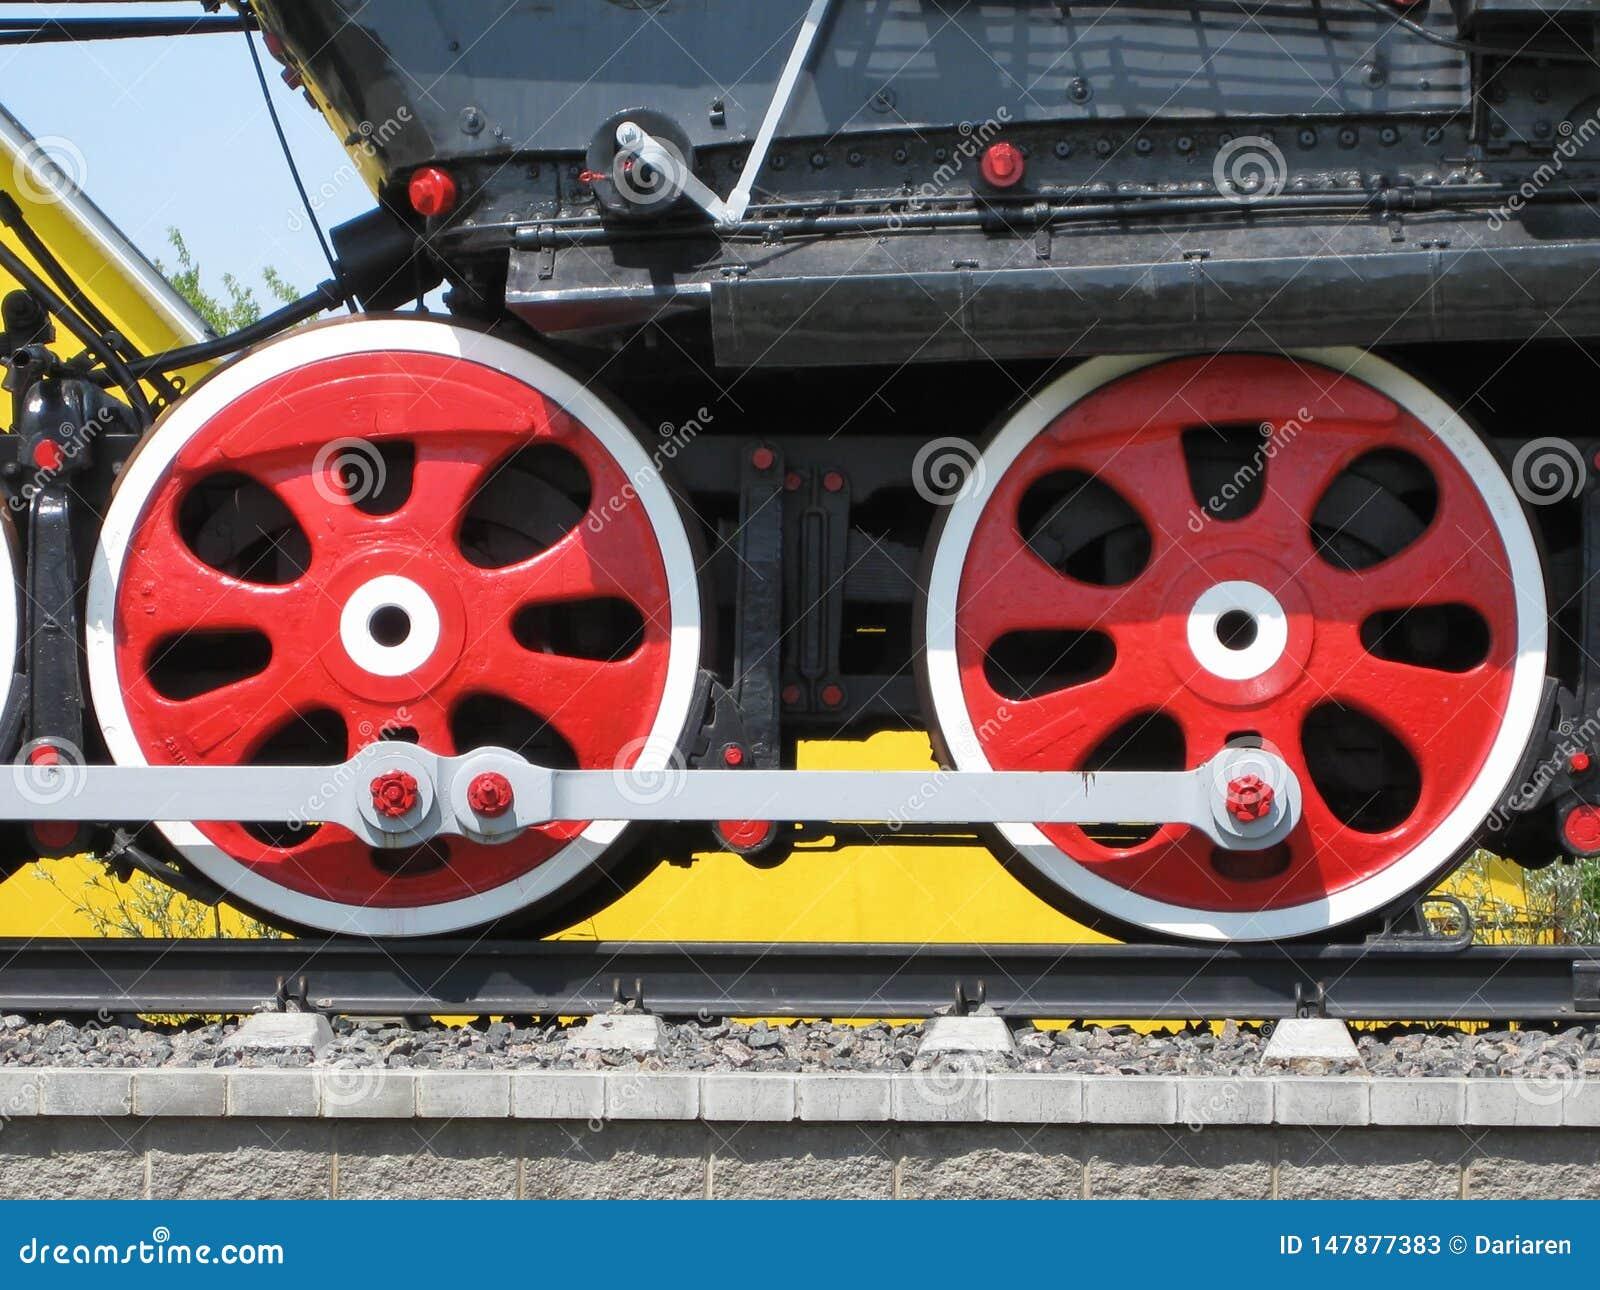 Ruote di retro treno antiquato